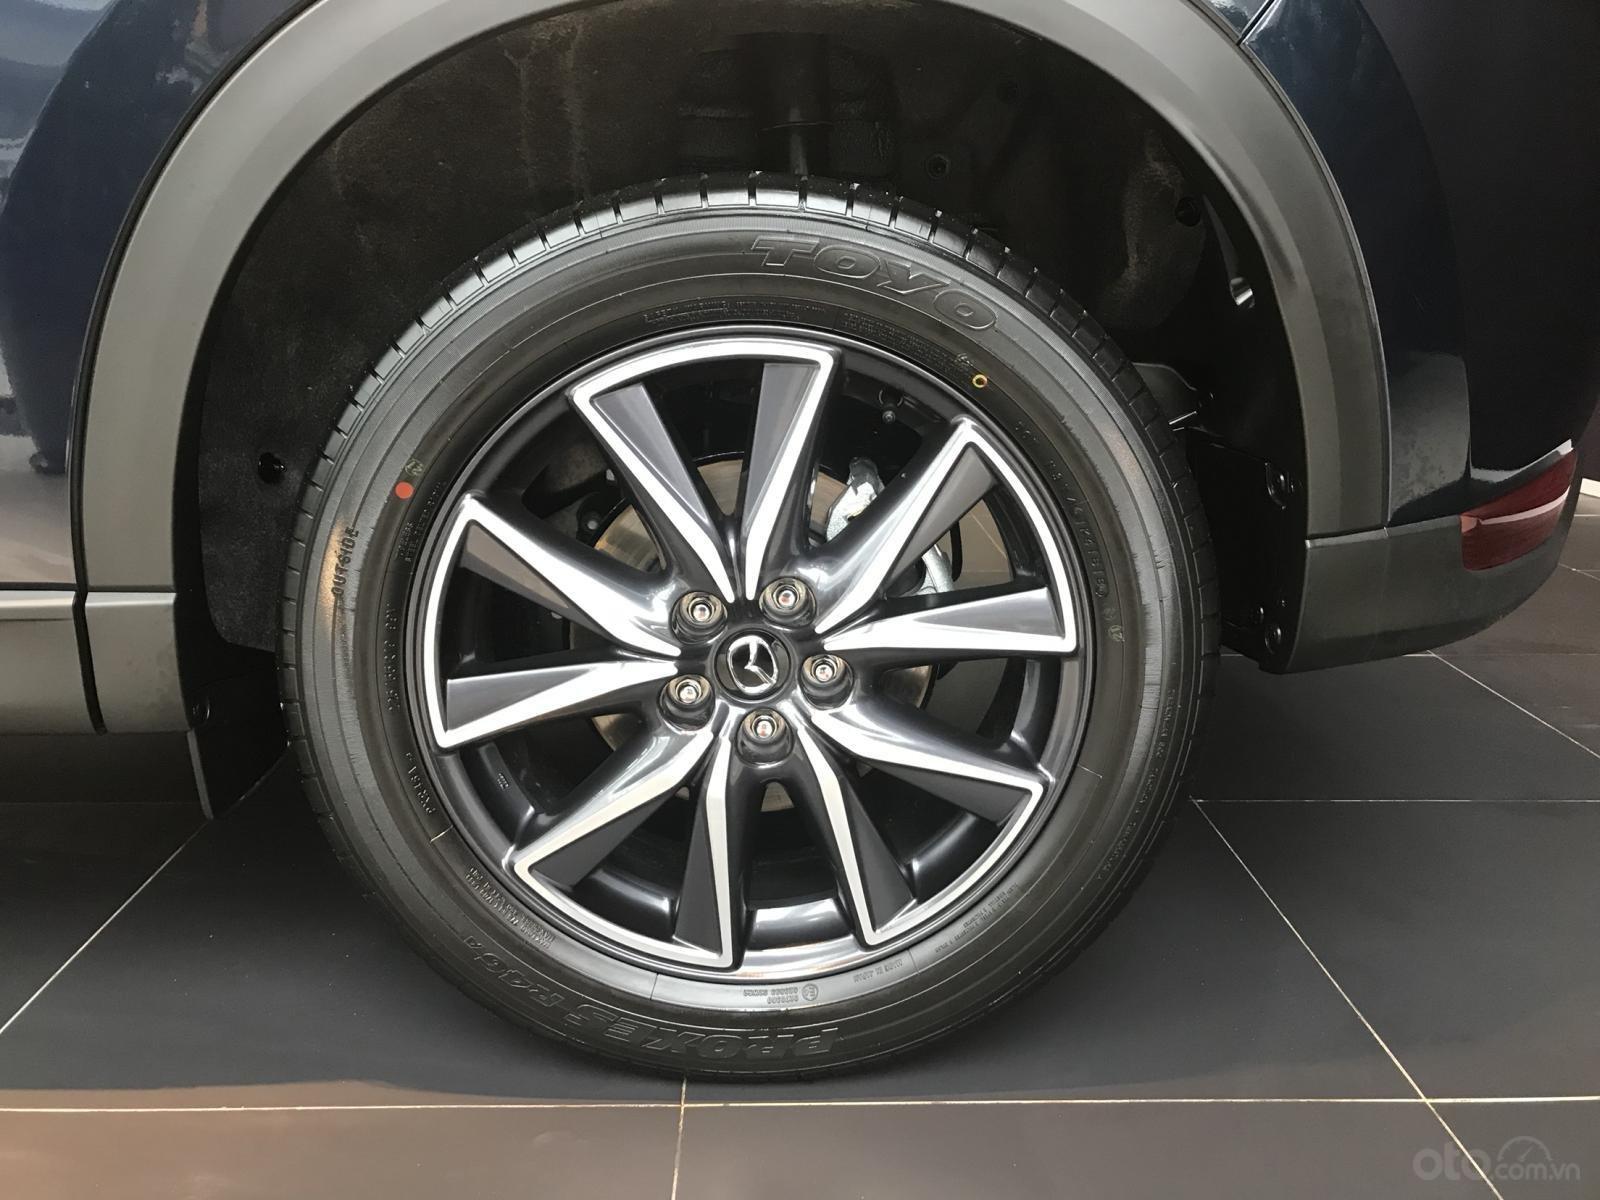 Siêu khuyến mại Mazda CX-5 2019, ưu đãi 100 triệu, trả góp 90% Bất chấp hồ sơ xấu. LH 0902814222 để nhận giá tốt-4